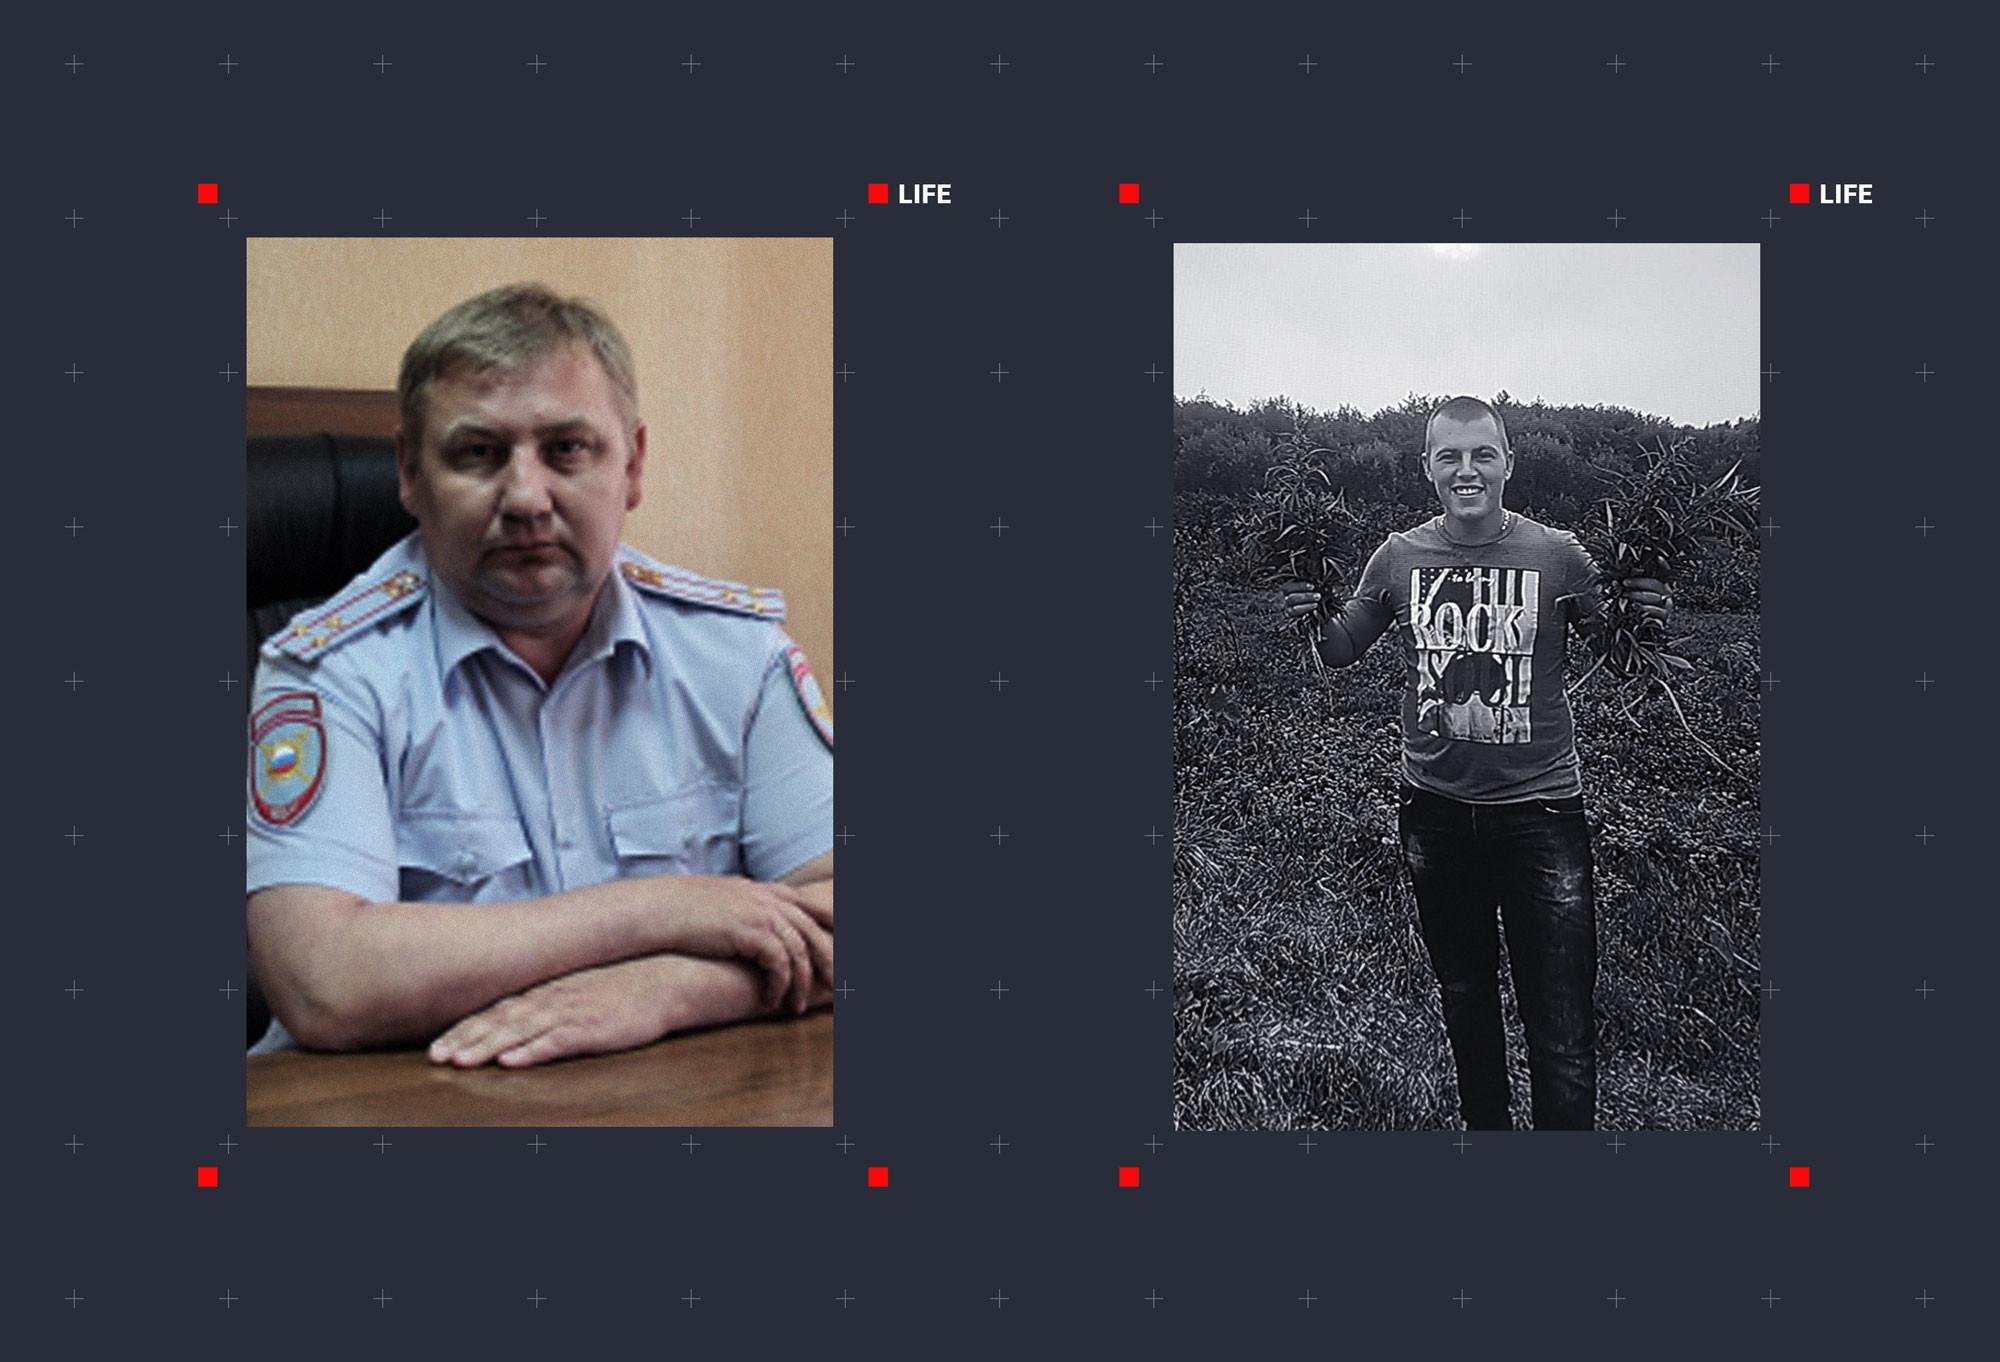 Полковник Игорь Кларк (слева) и Роман Чумаков (справа). Фото © Официальный сайт Министерства внутренних дел Российской Федерации, © Стопхап